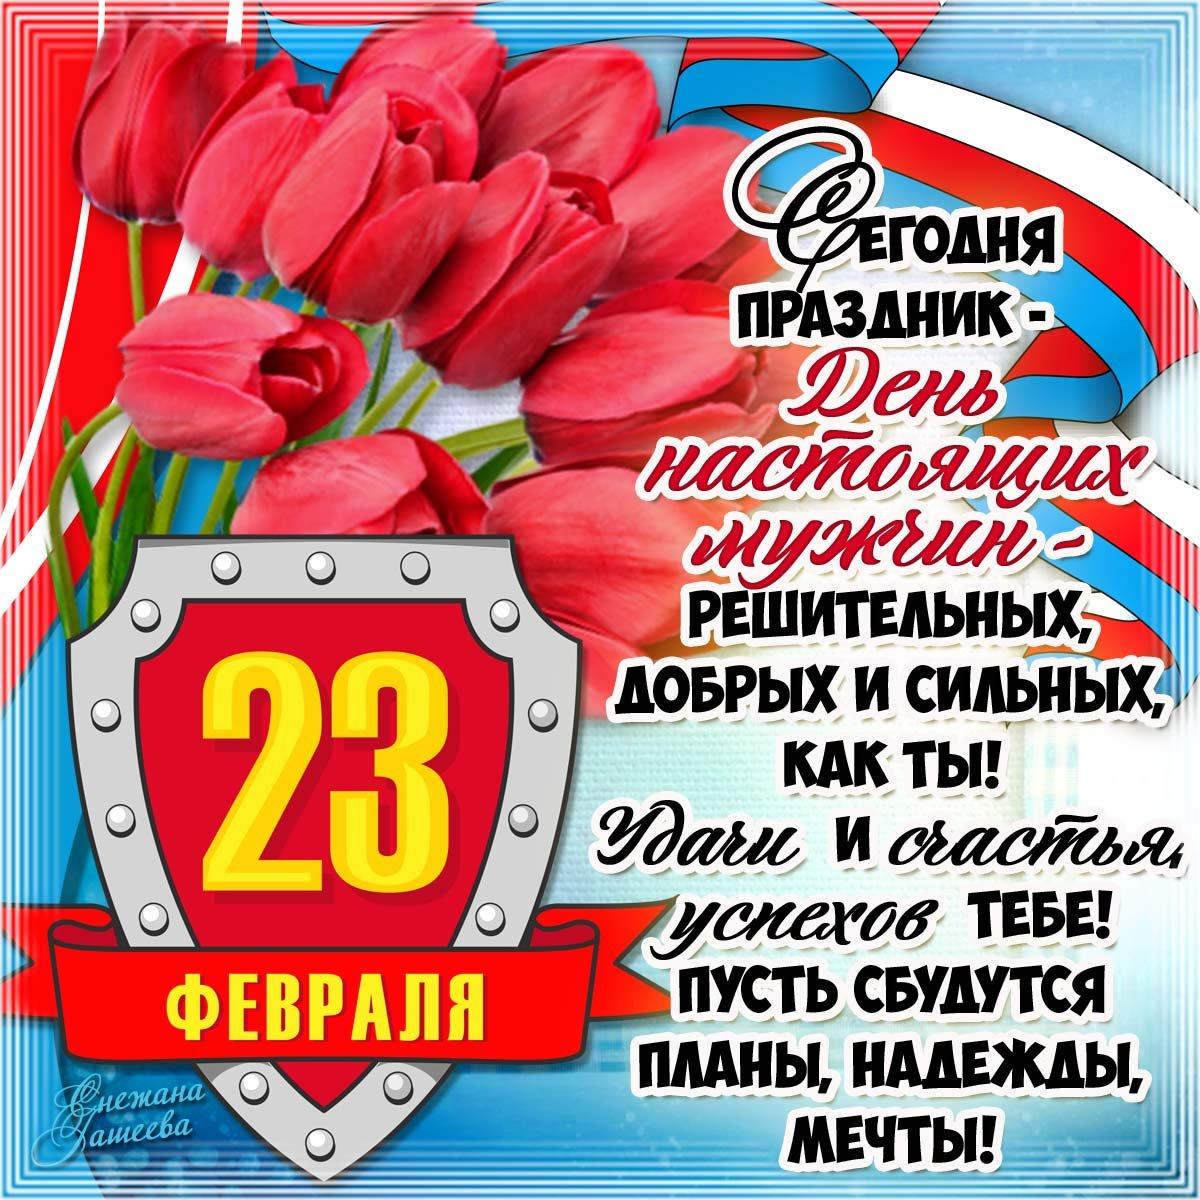 Поздравление брату на 23 февраля картинки, картинки